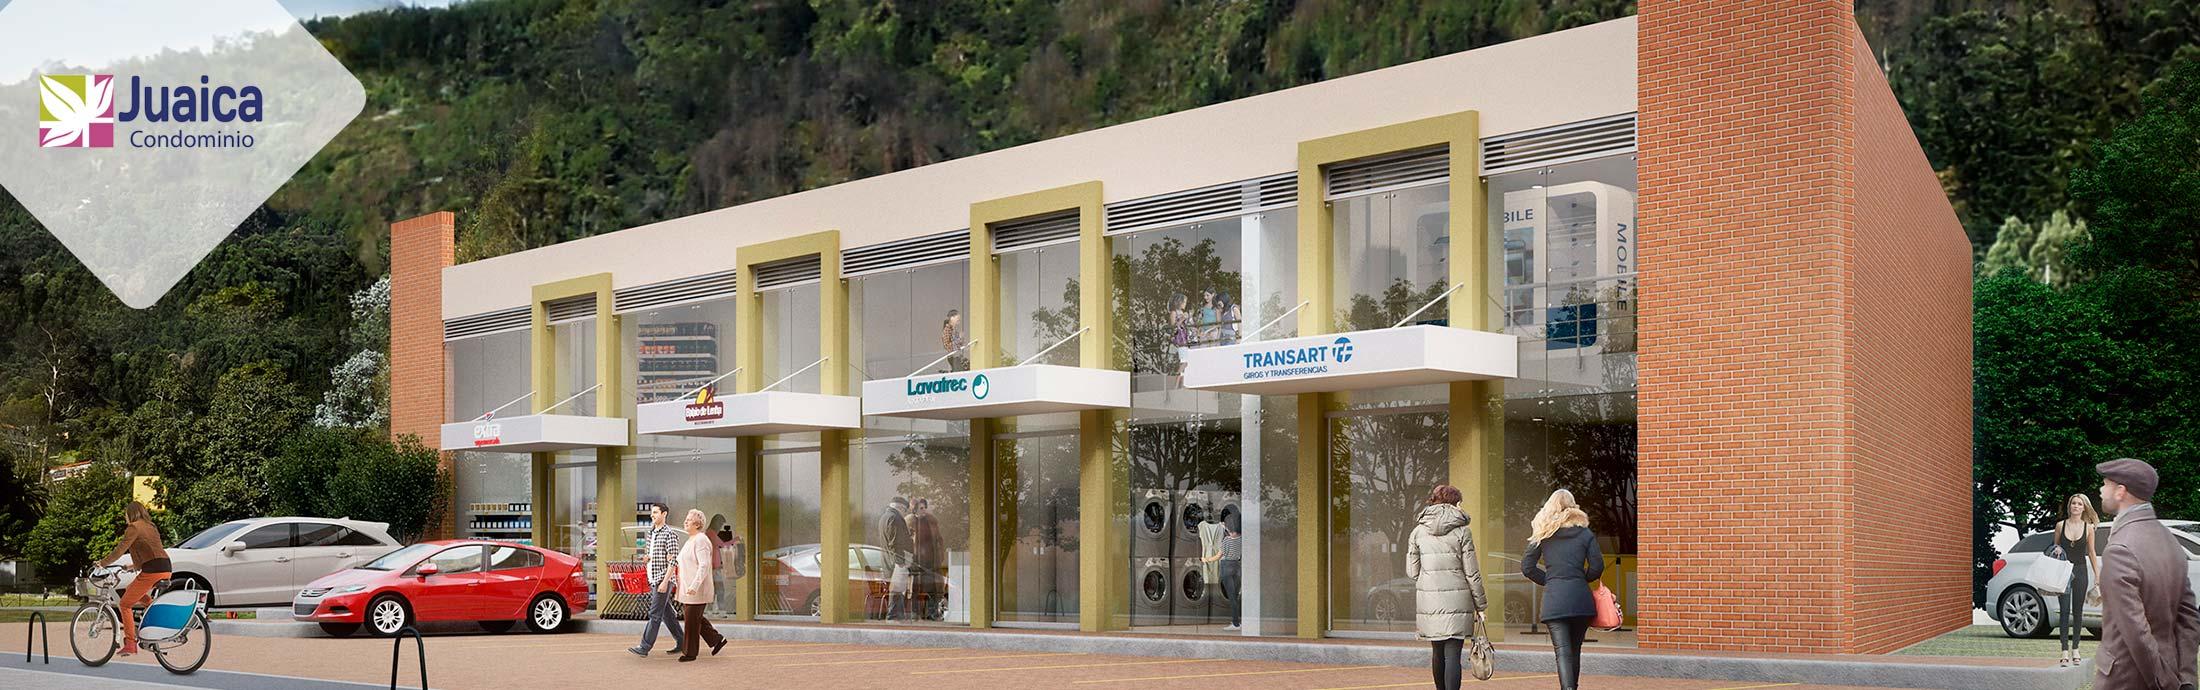 Banner Juaica Condominio